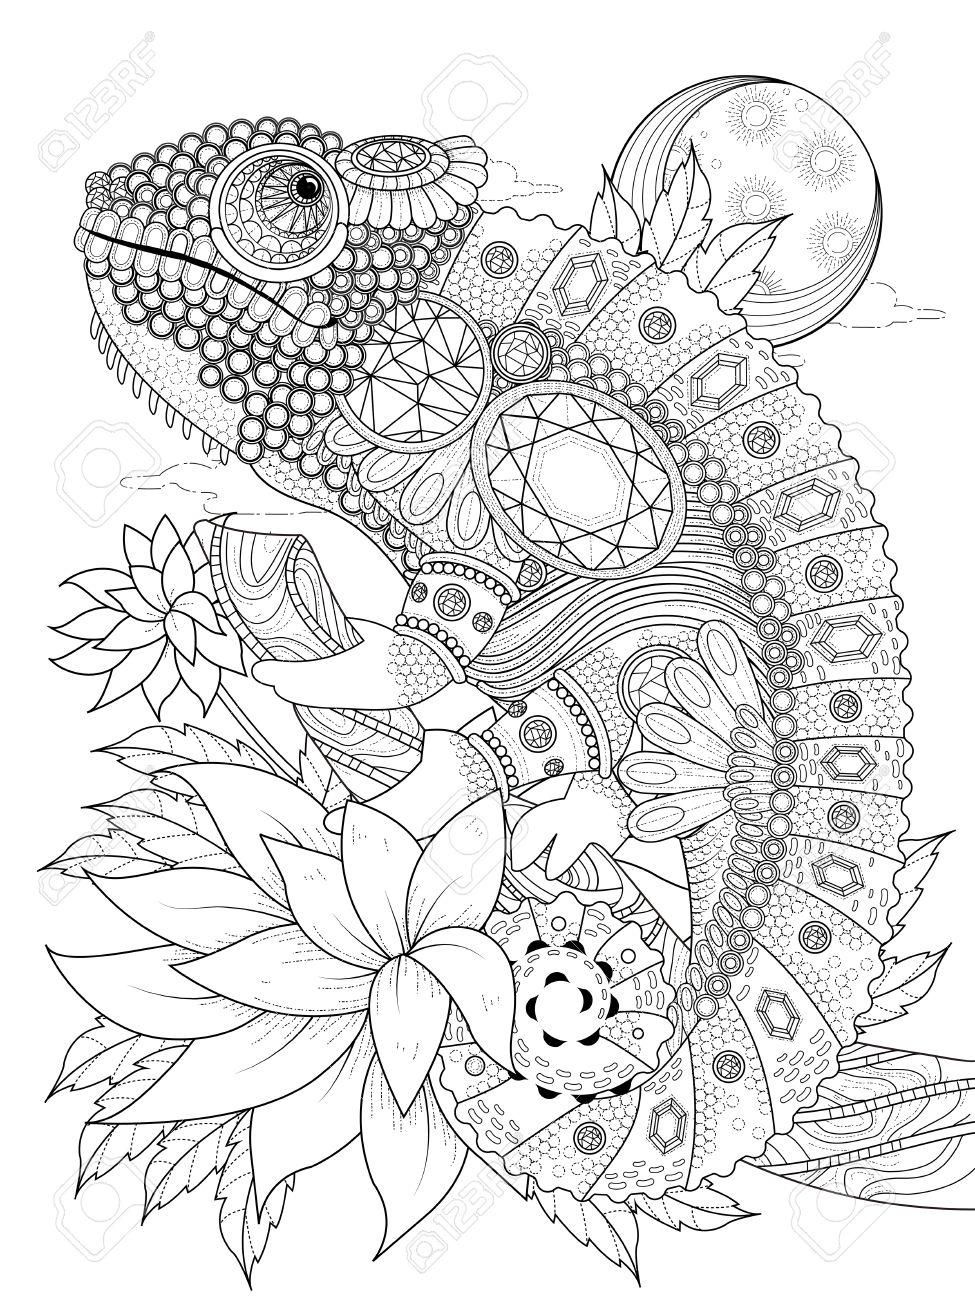 大人ぬりえページ 宝石で飾られたカメレオンのイラスト素材ベクタ